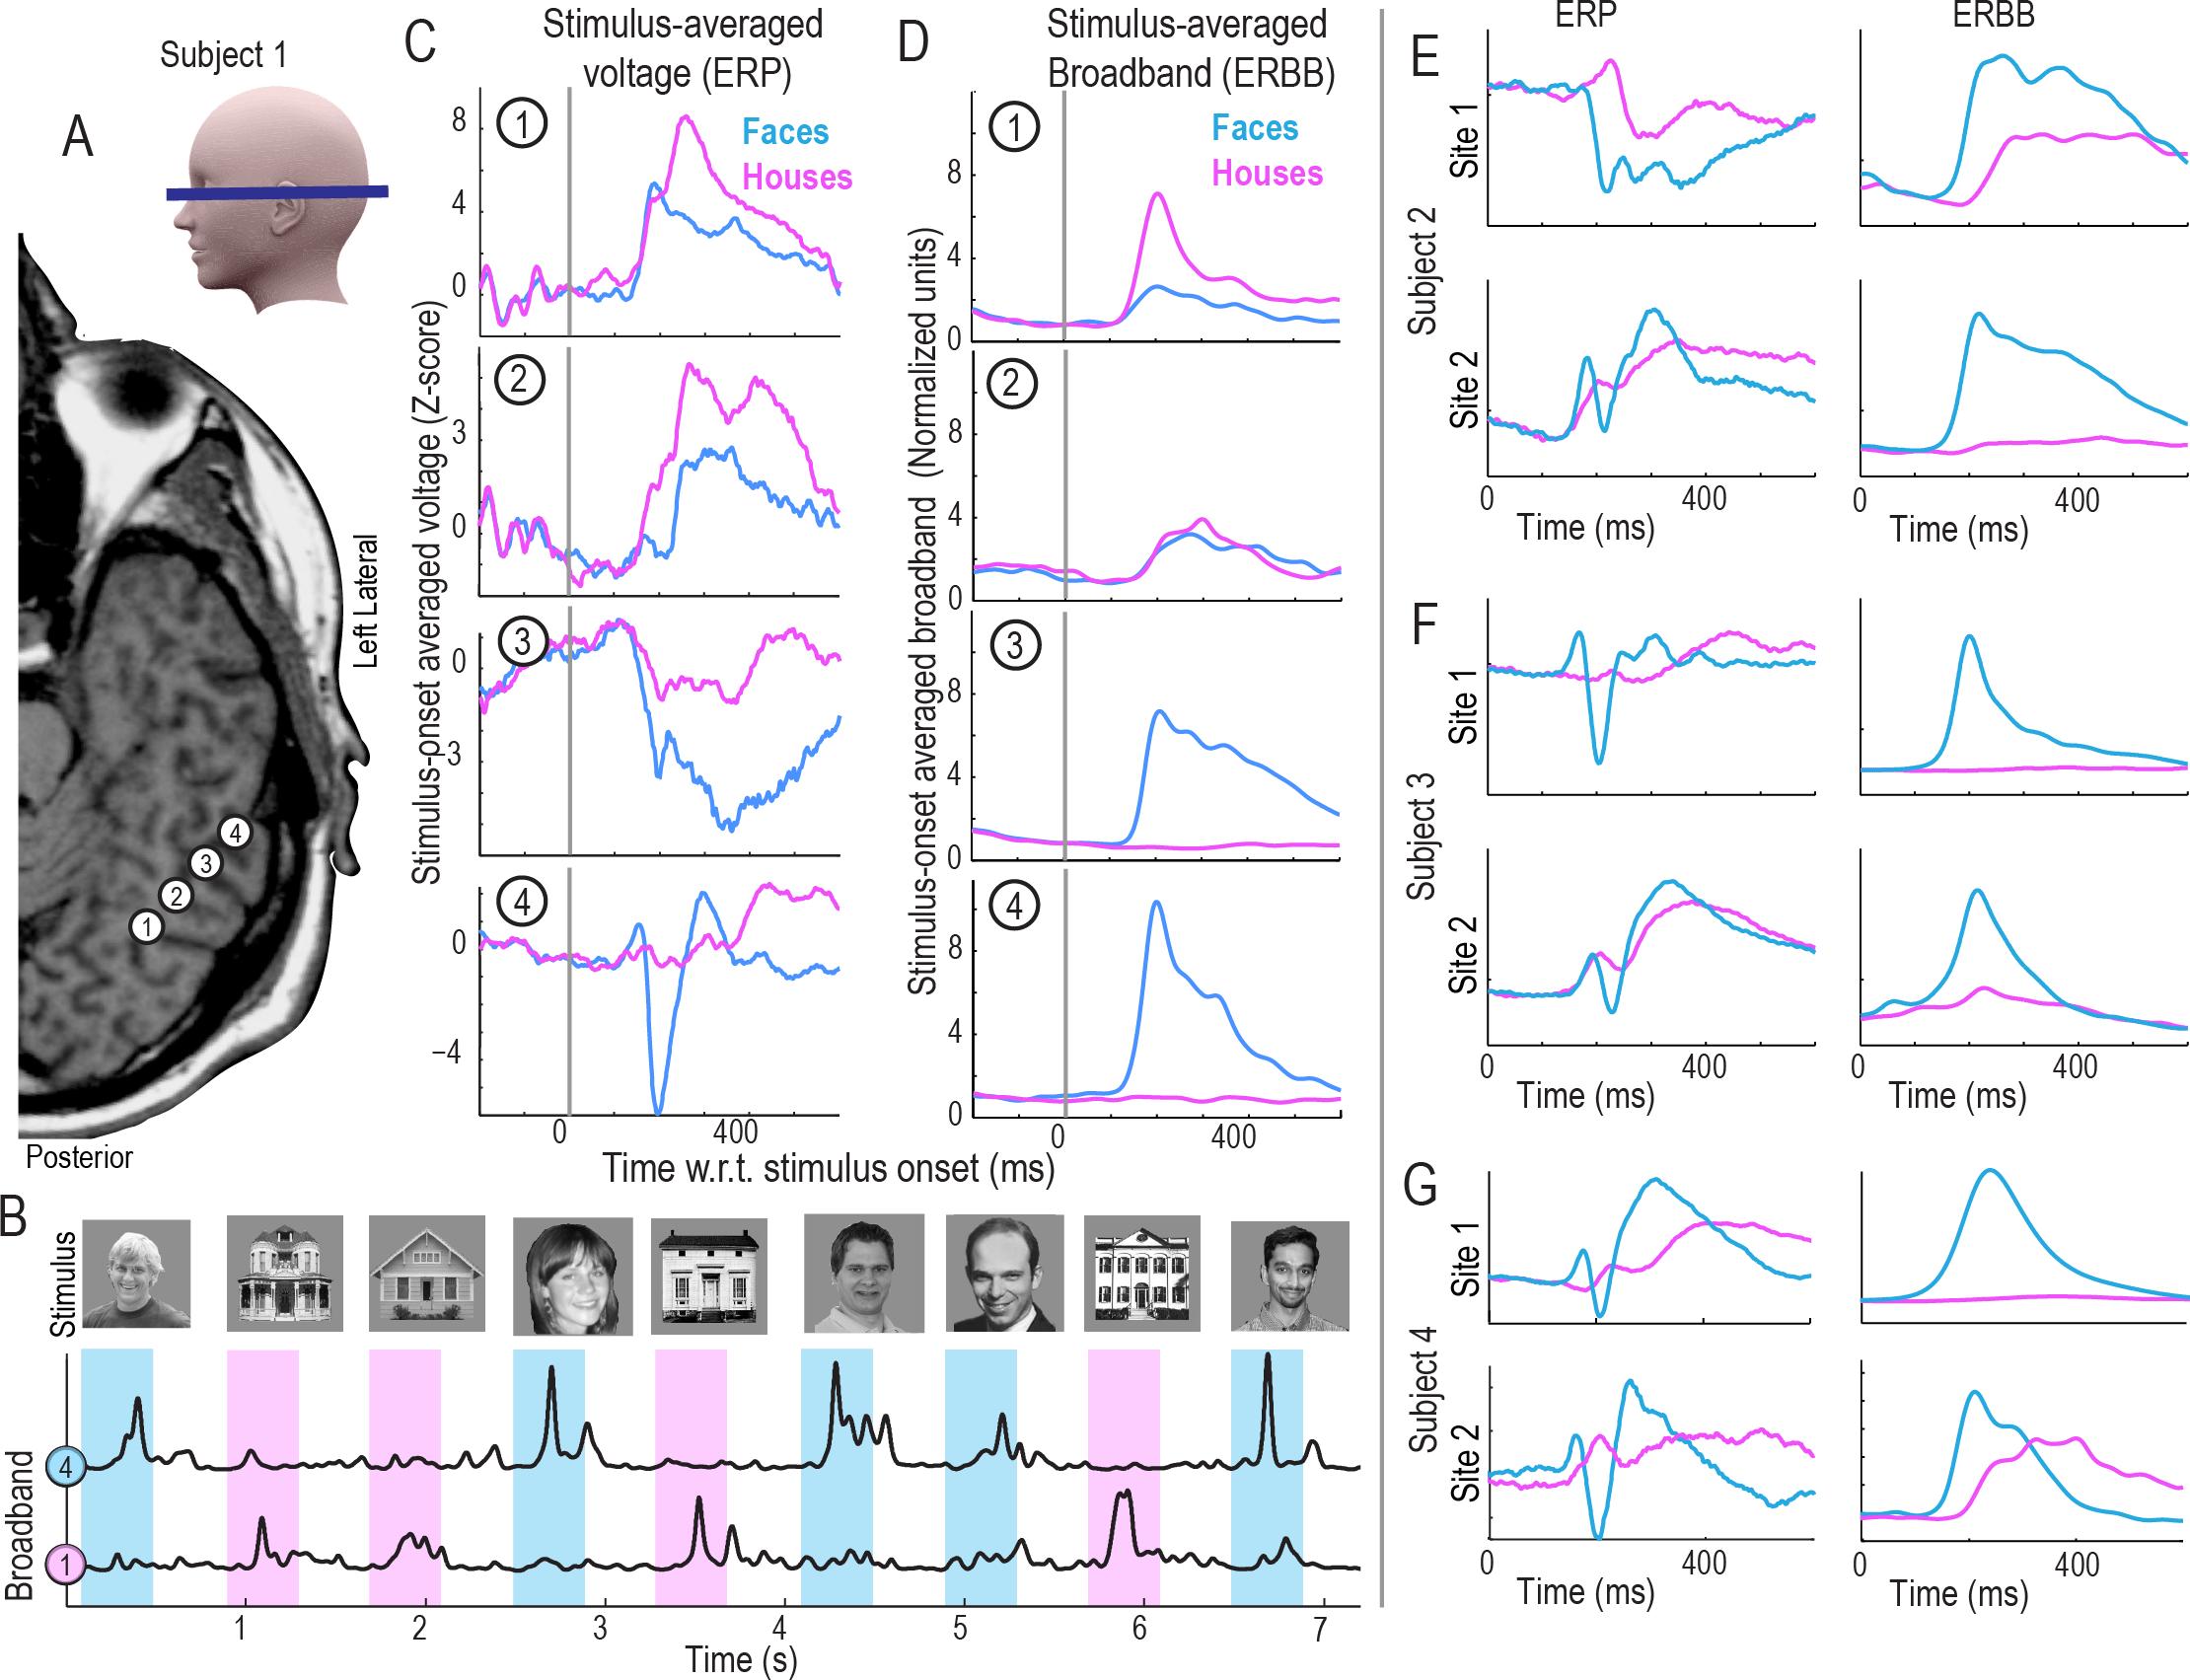 Как считать мысли у эпилептика?